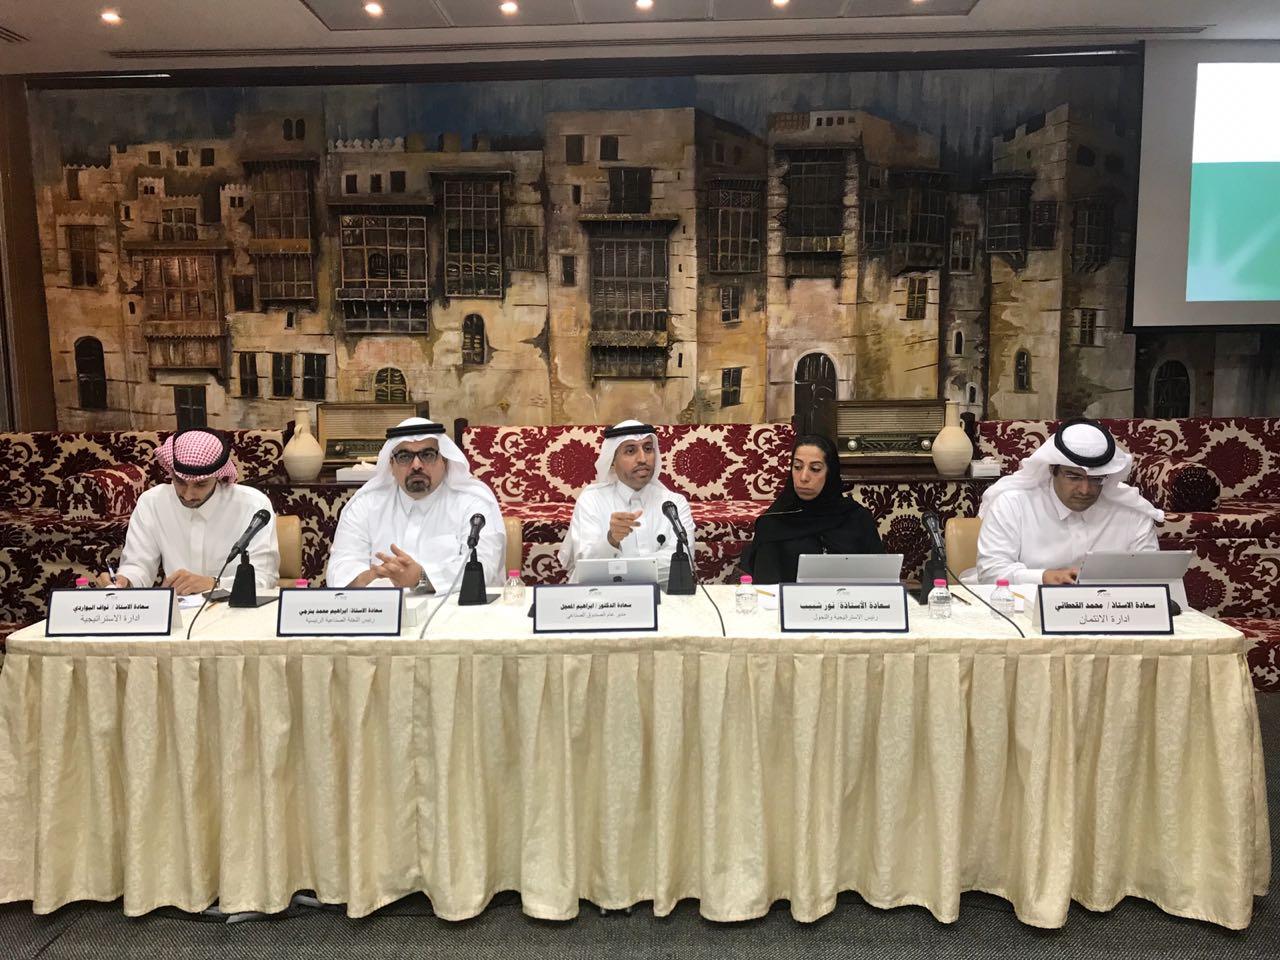 الصندوق الصناعي السعودي يطلق 40 مبادرة يجري العمل على إنجازها